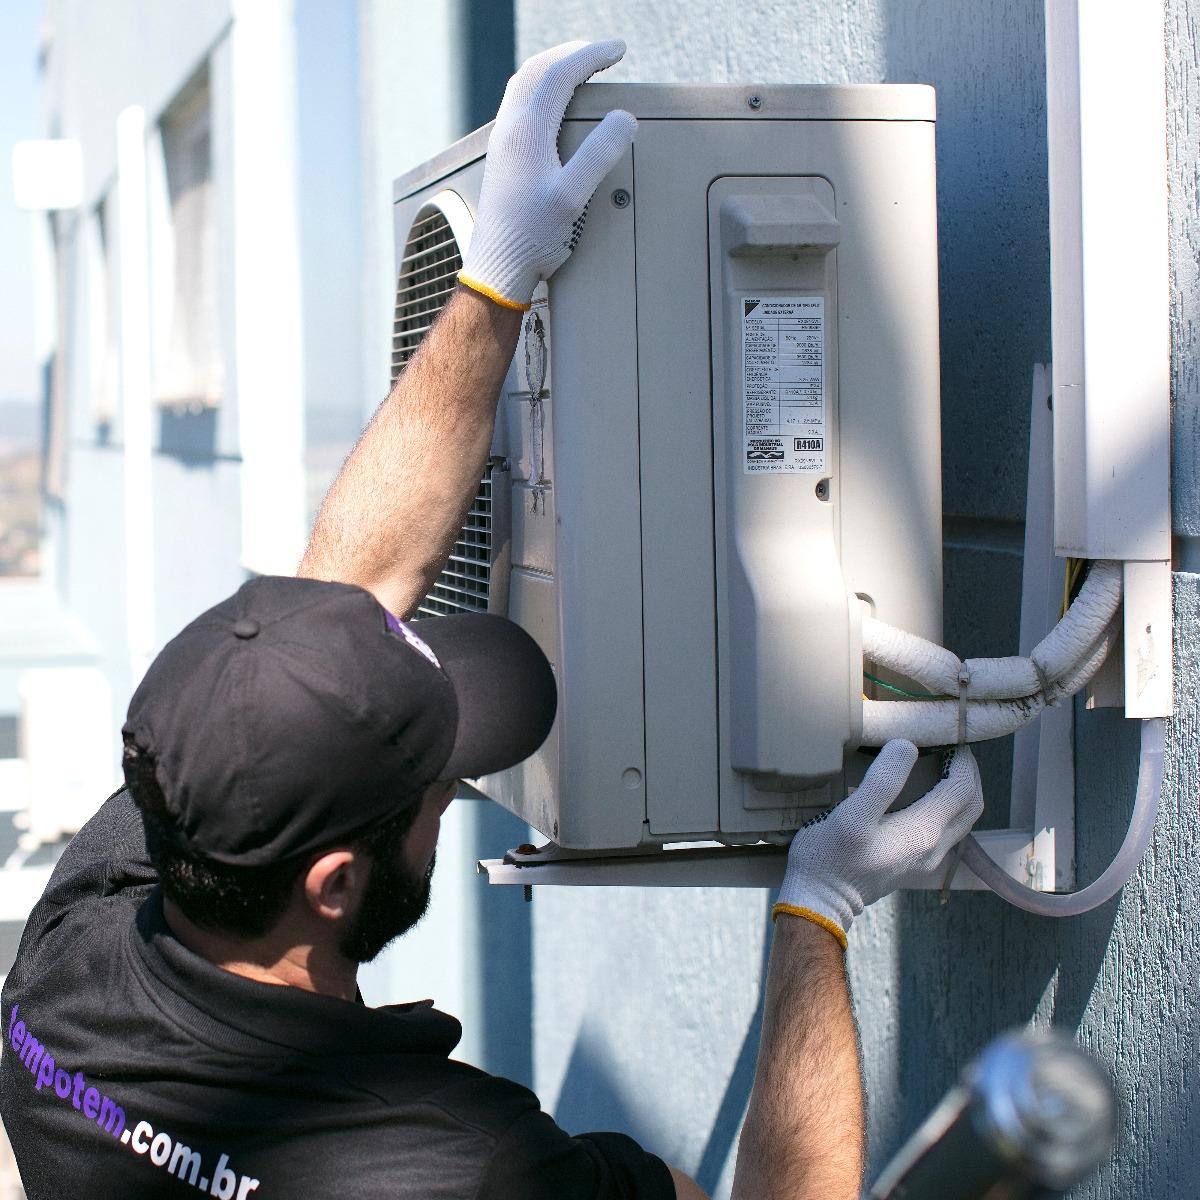 Consultoria para instalação de ar-condicionado TempoTem